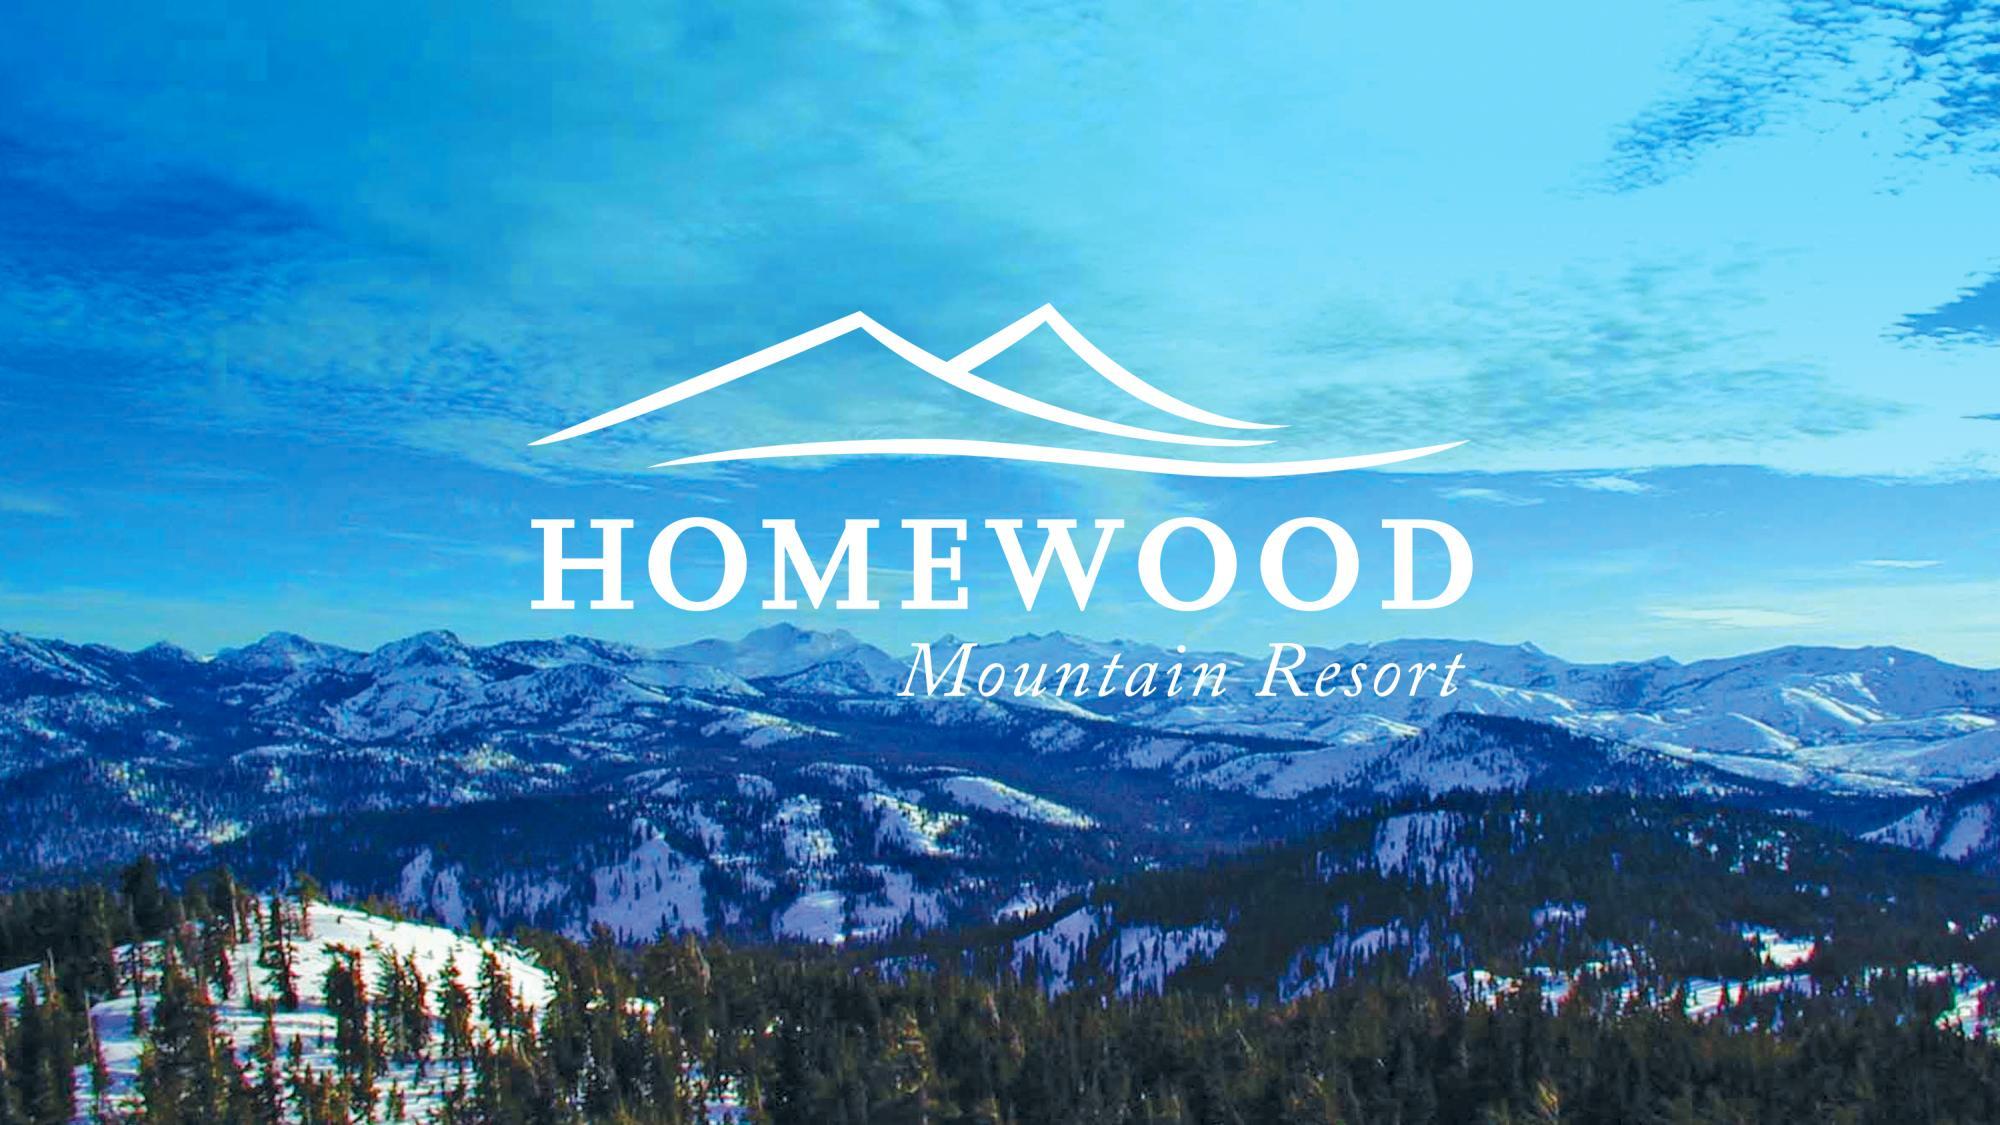 MINT_Homewood